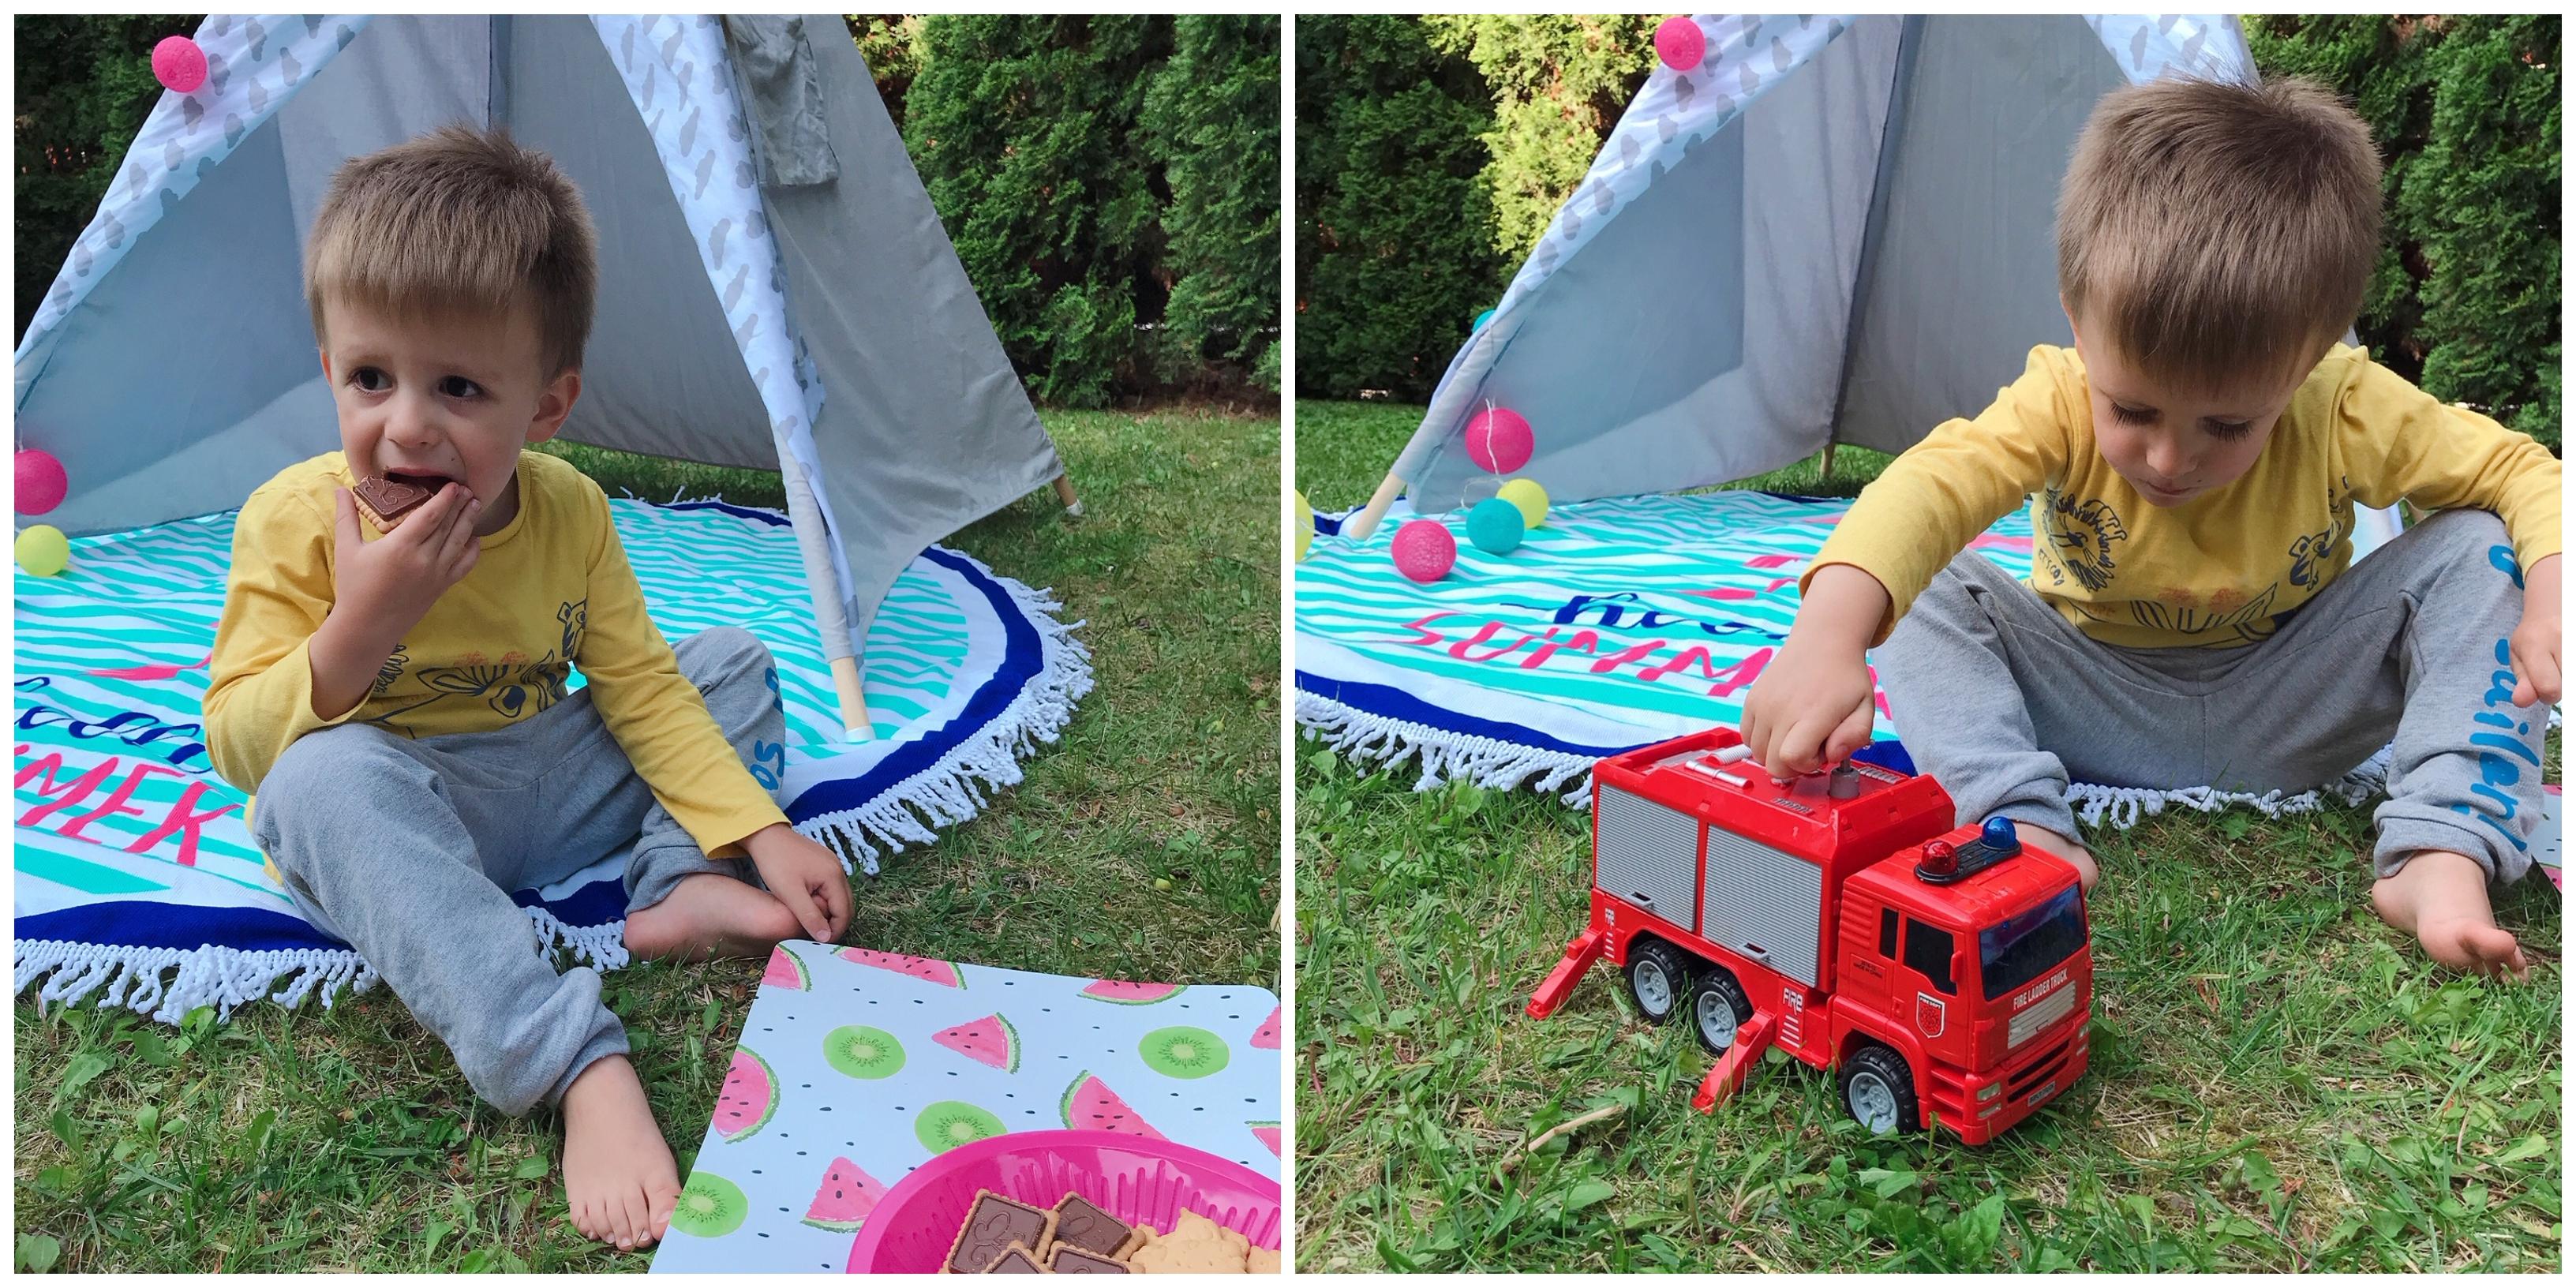 piknik_a_kertben2.jpg